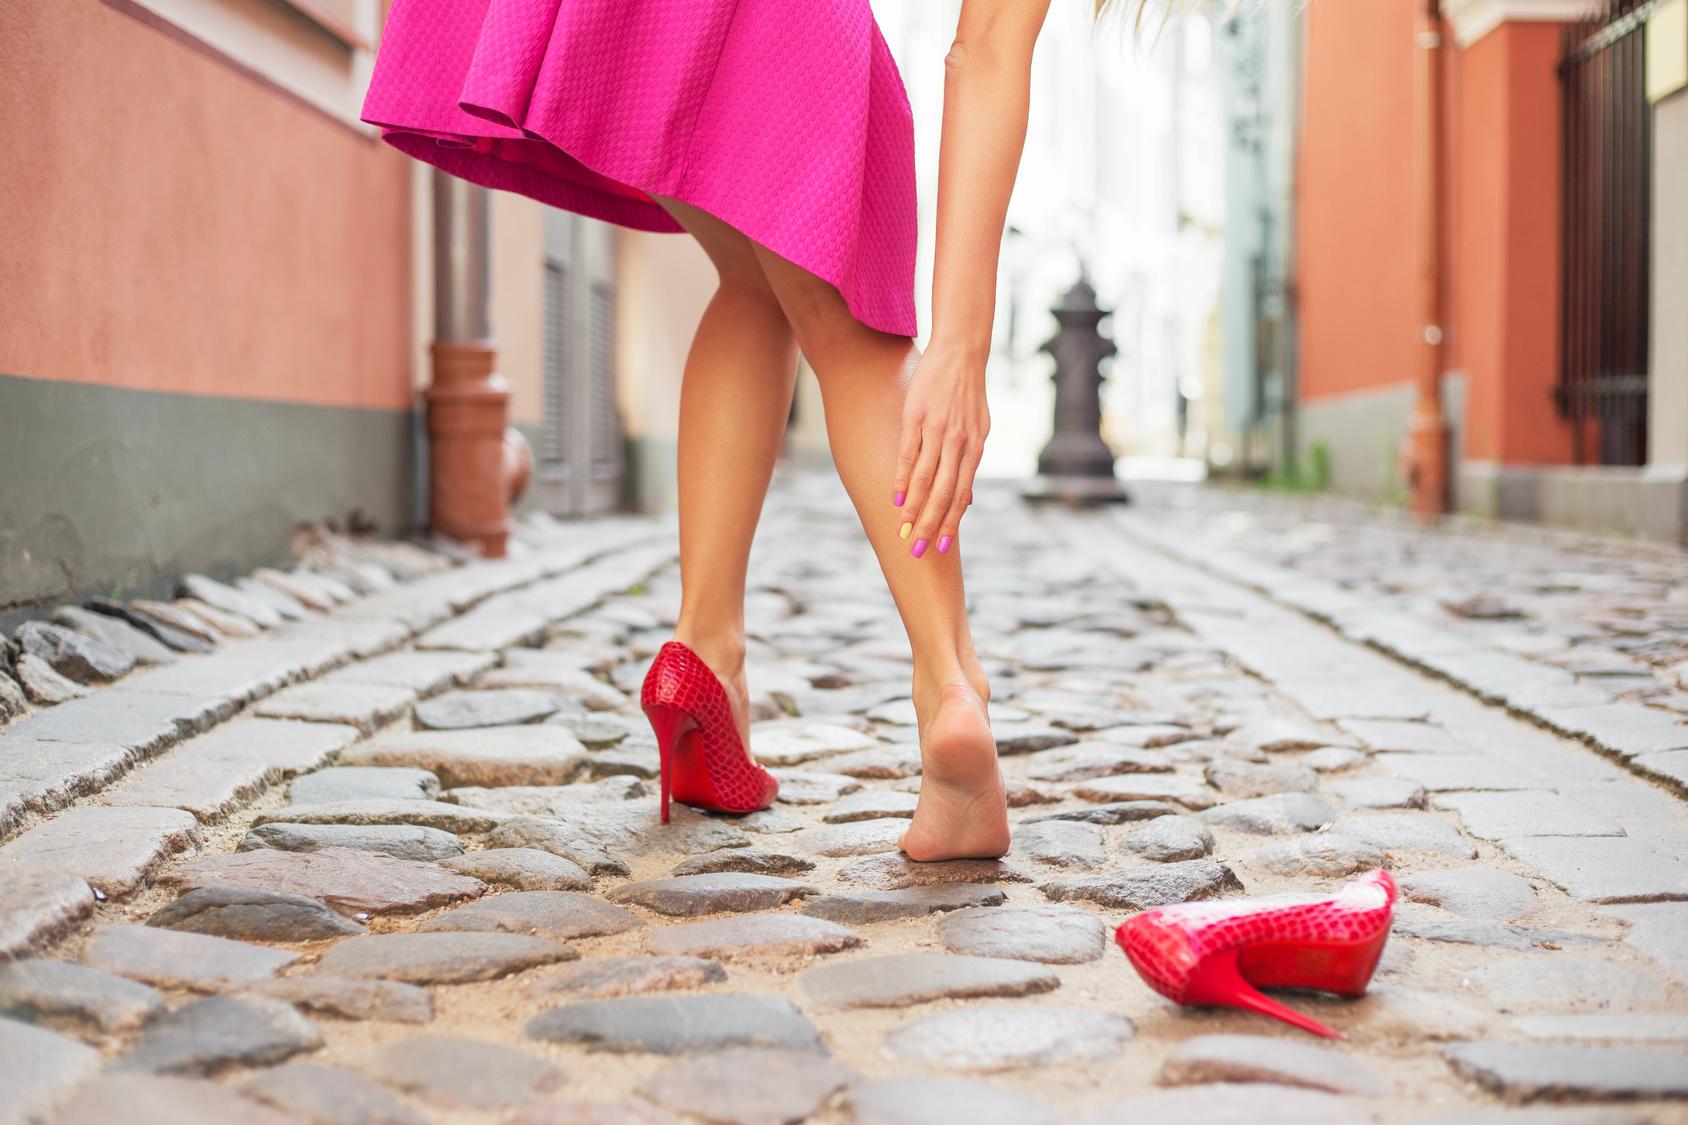 kobieta, szpilki, buty, Grecja, Ekantor.pl